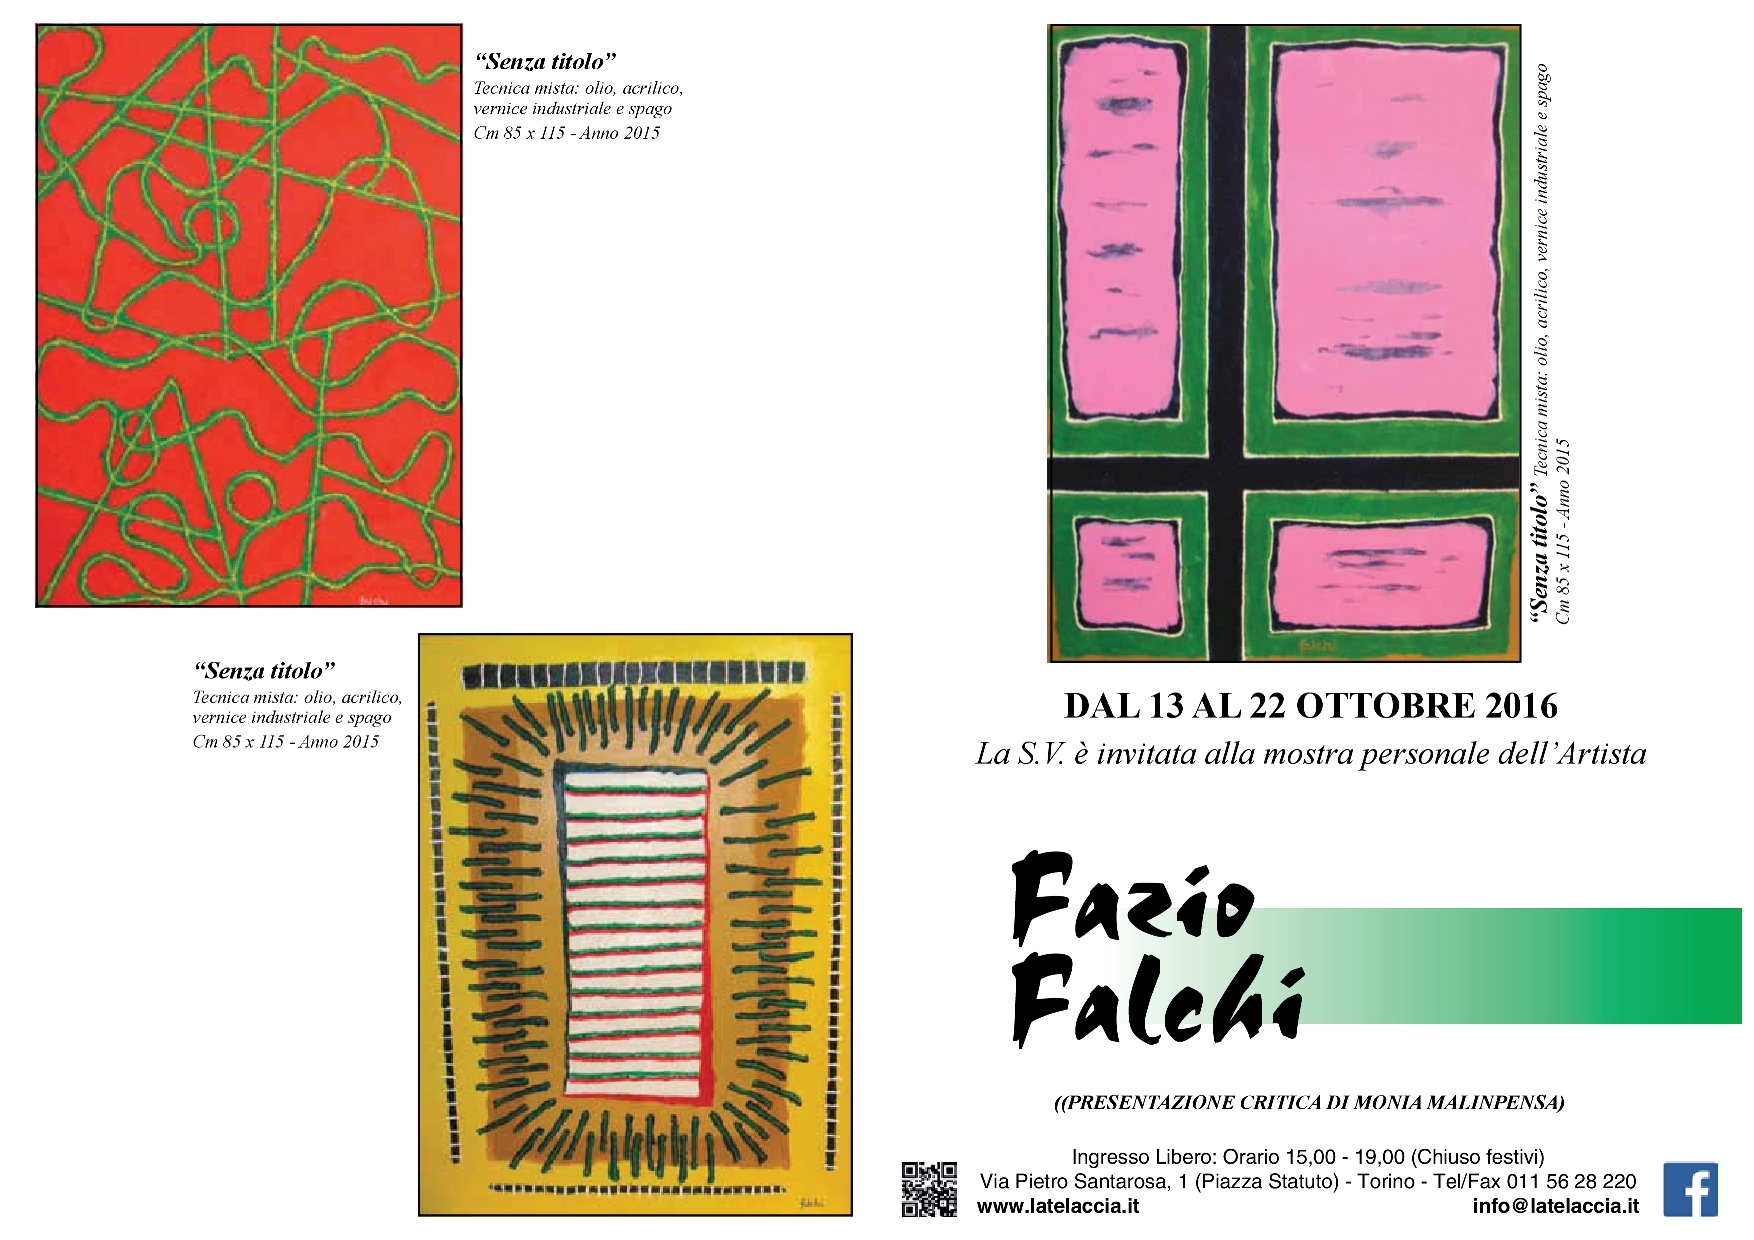 Depliant Mostra Personale dell'Artista Fazio Falchi.jpg